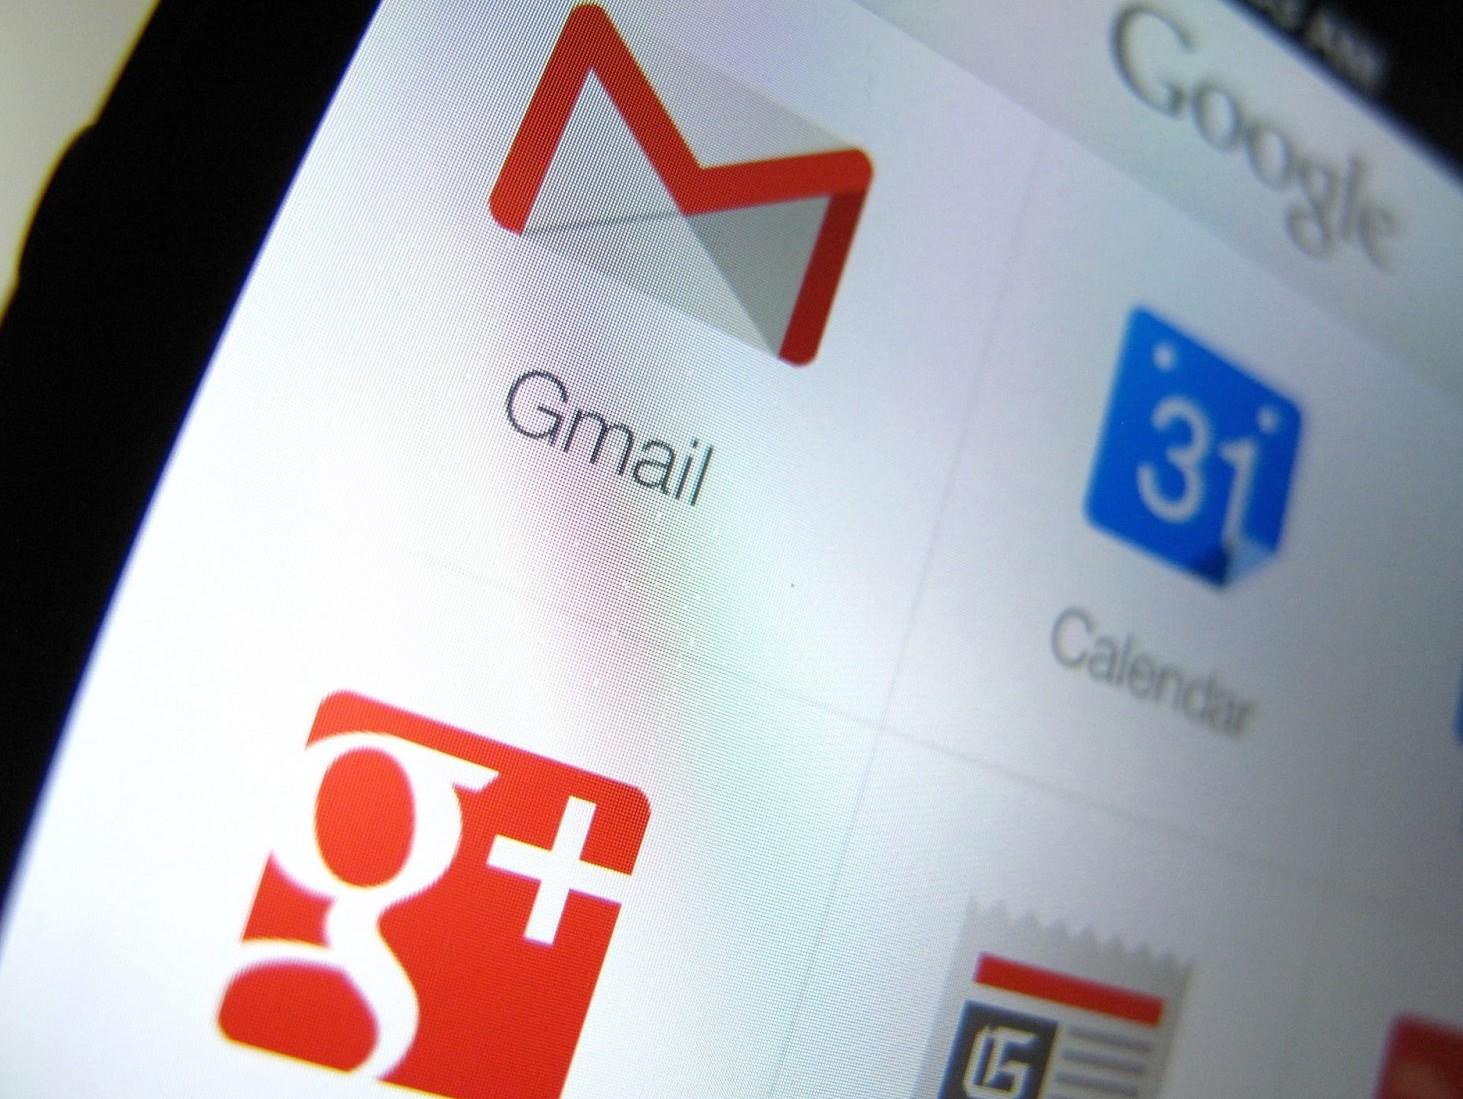 Programmare invio email: con Gmail è pos